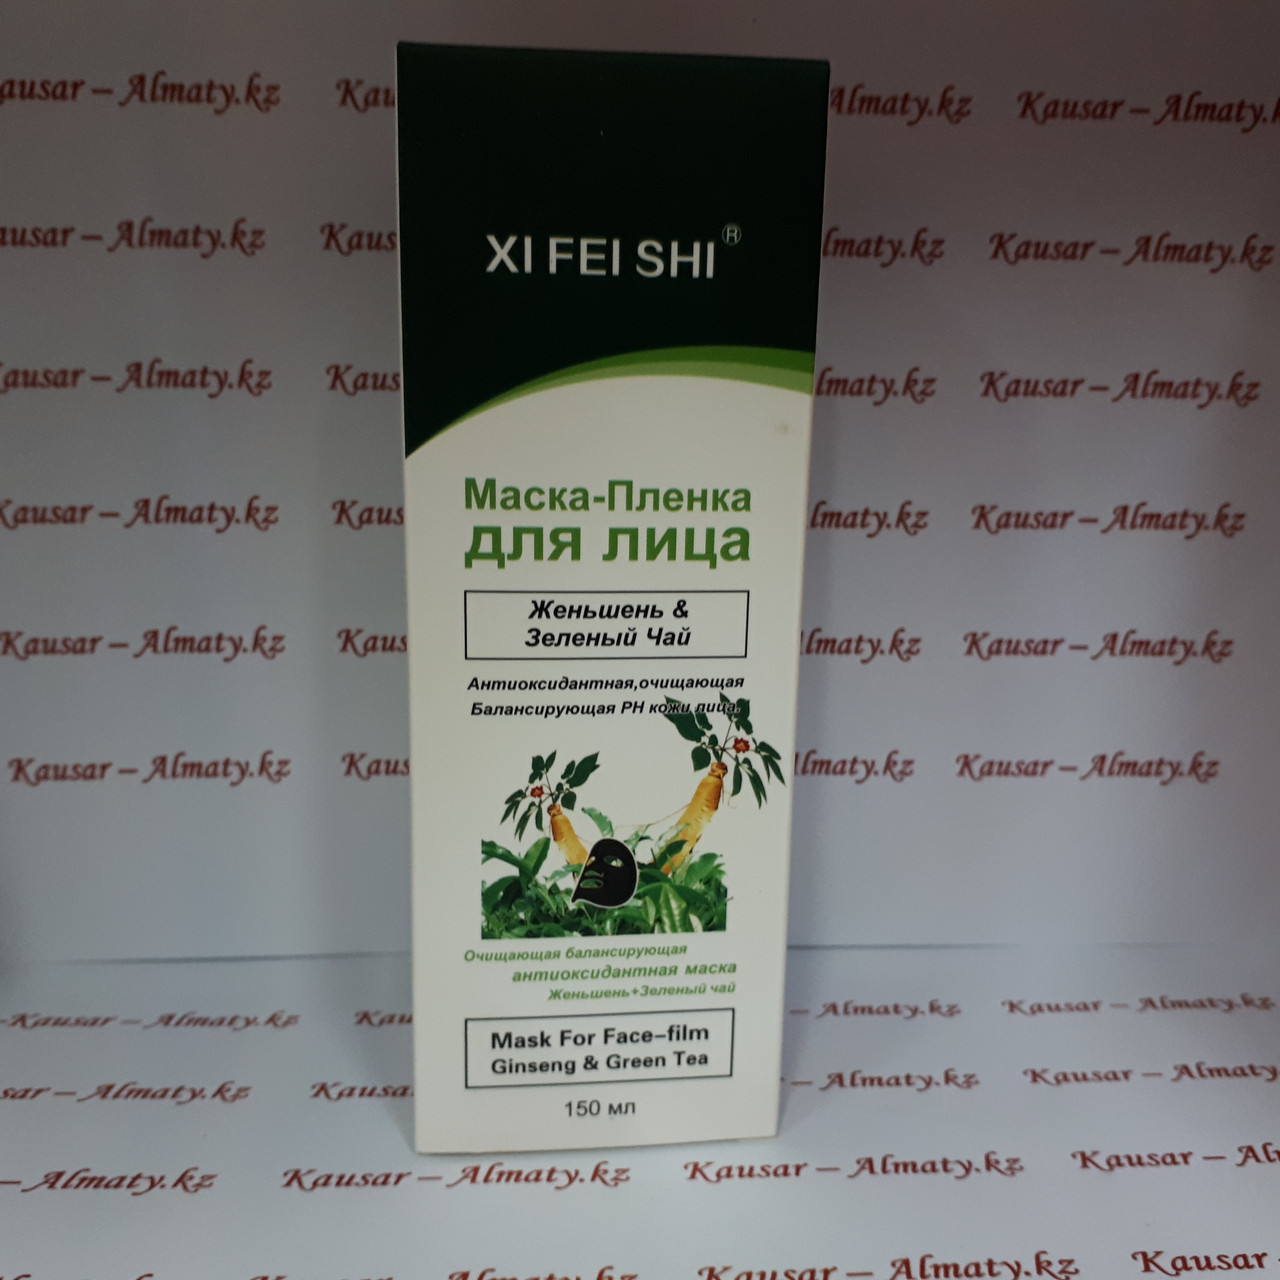 Маска-пленка Xi Fei Shi, Женьшень и зеленый чай